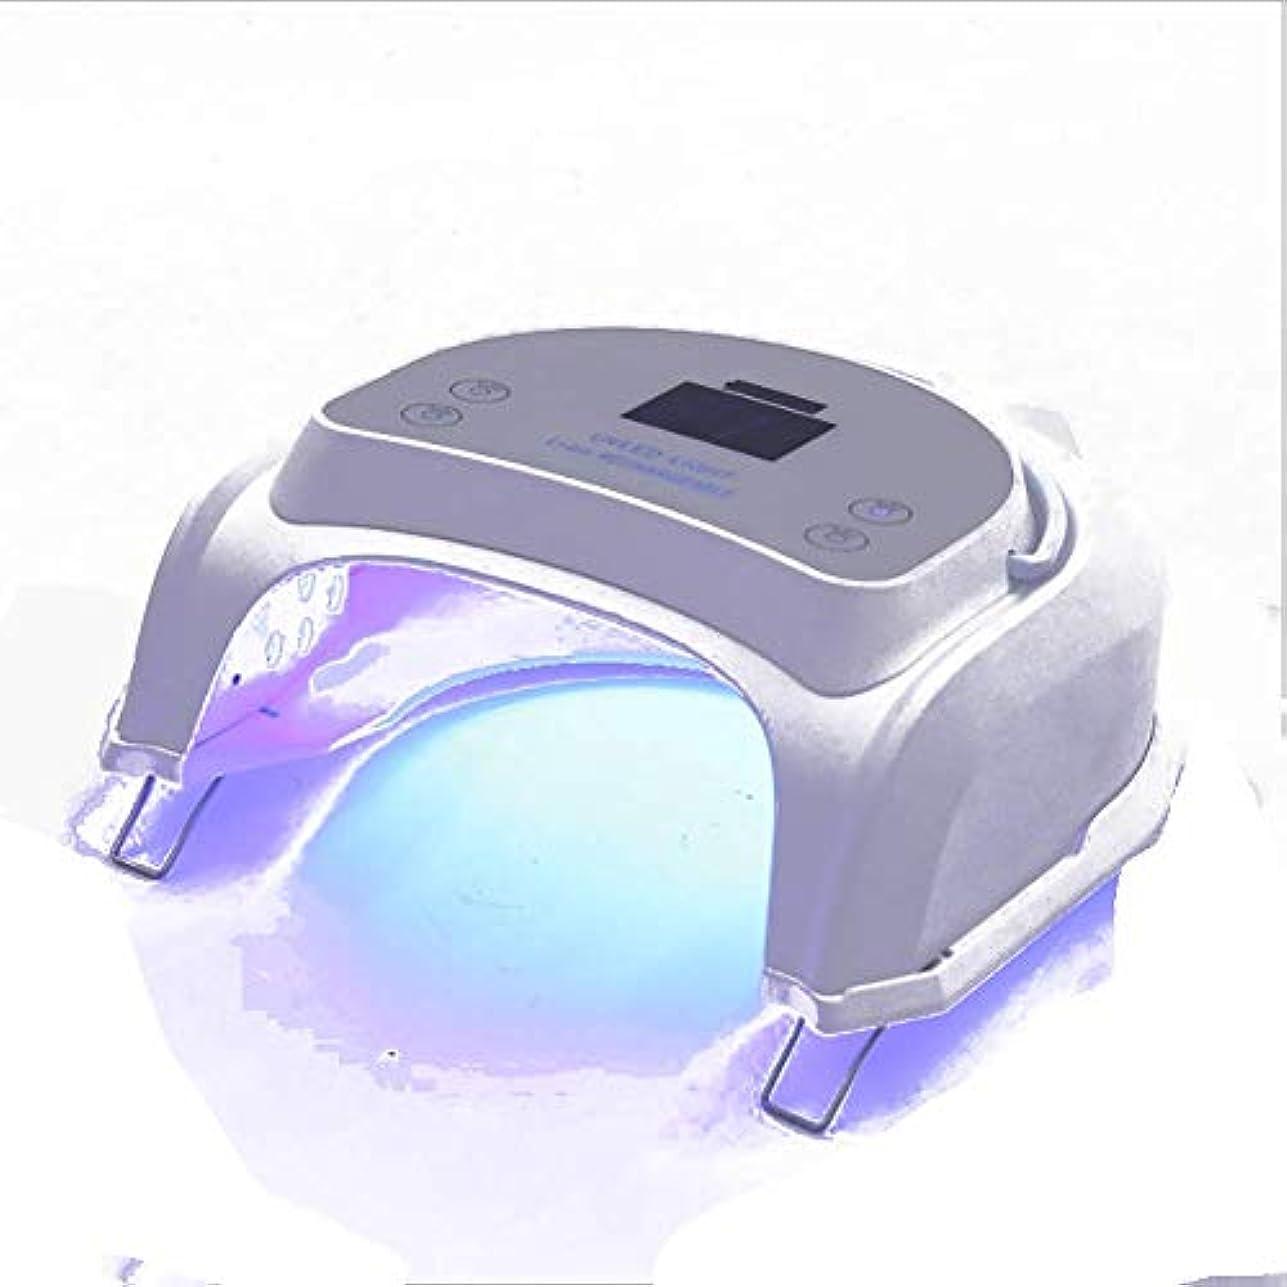 ゆるい骨の折れる安いですUVネイルランプ、28個のUV LED 64Wハイパワーネイルランプジェルポリッシュスイッチアルミ合金ネイル光線療法機ネイルドライヤー充電